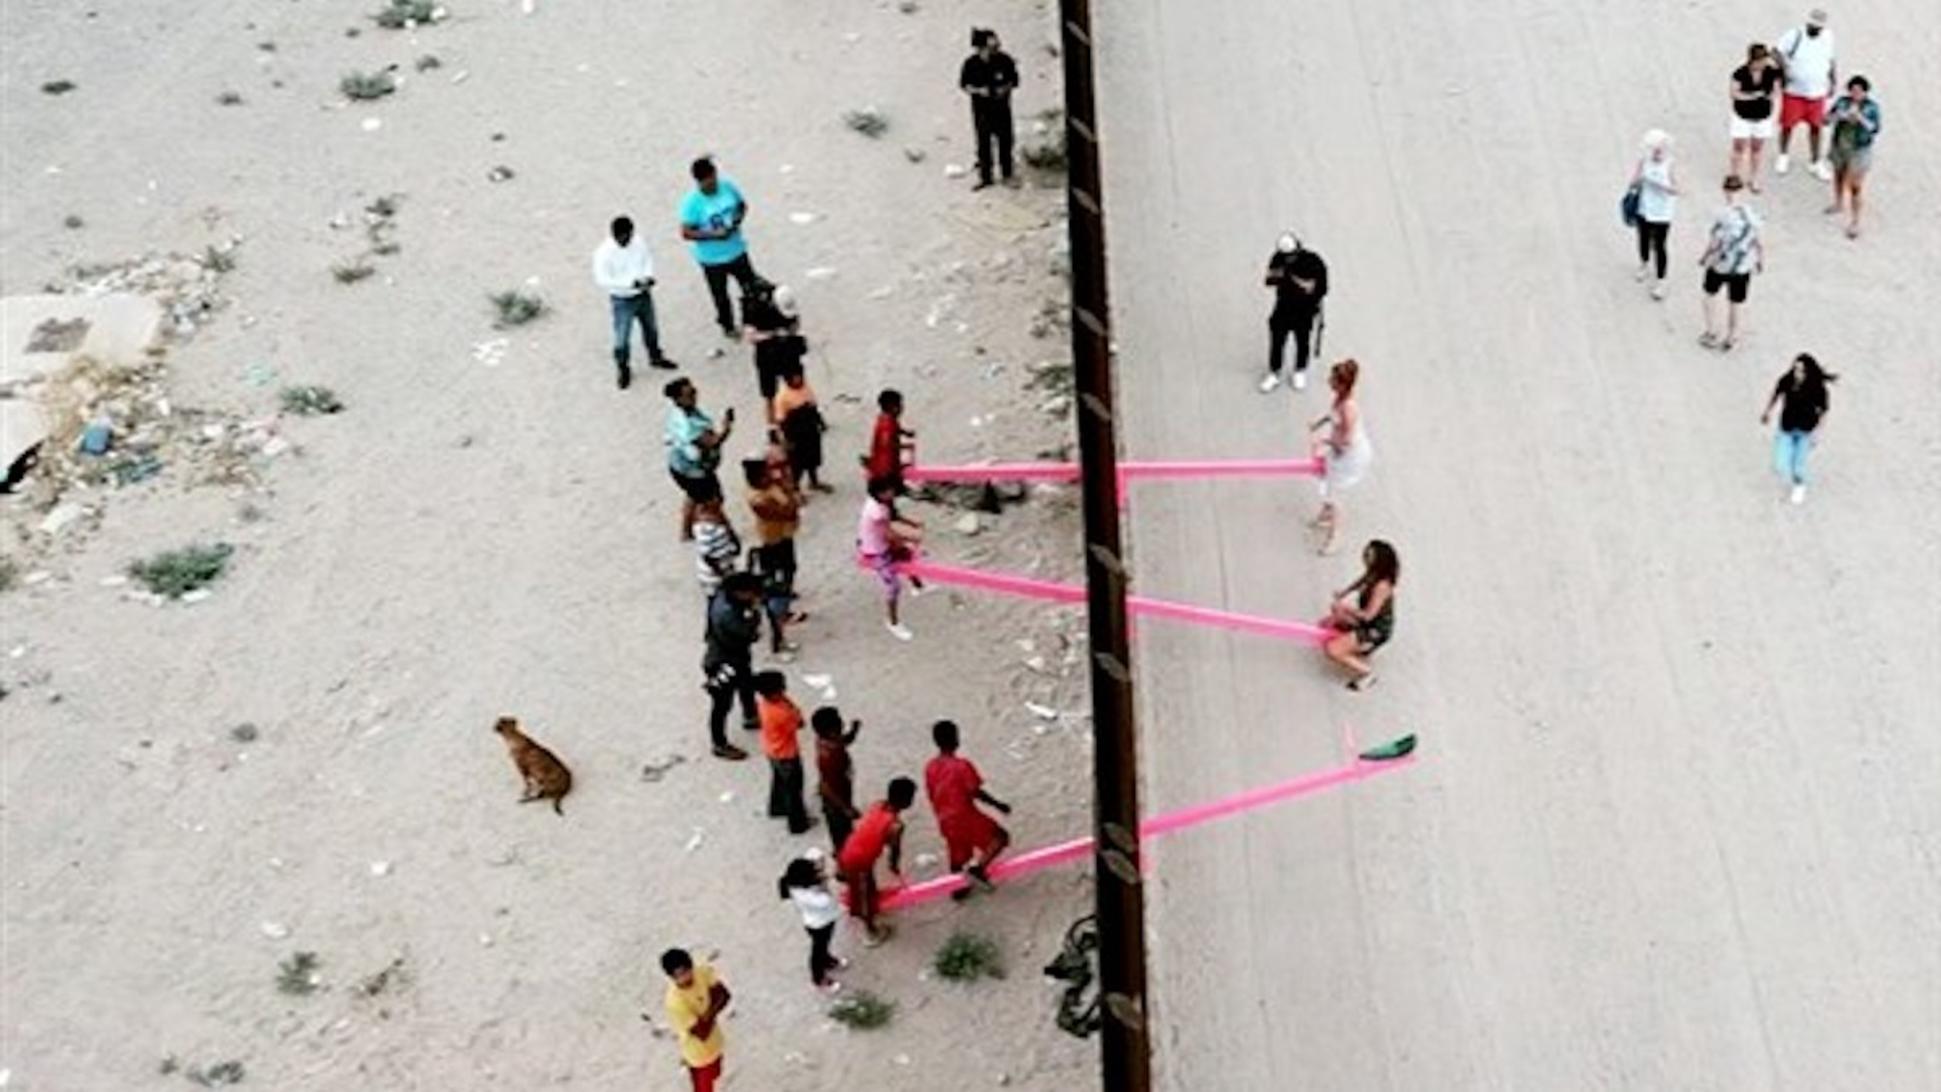 Este balancín en la frontera de Estados Unidos y México une a dos comunidades y desafía el muro de Trump